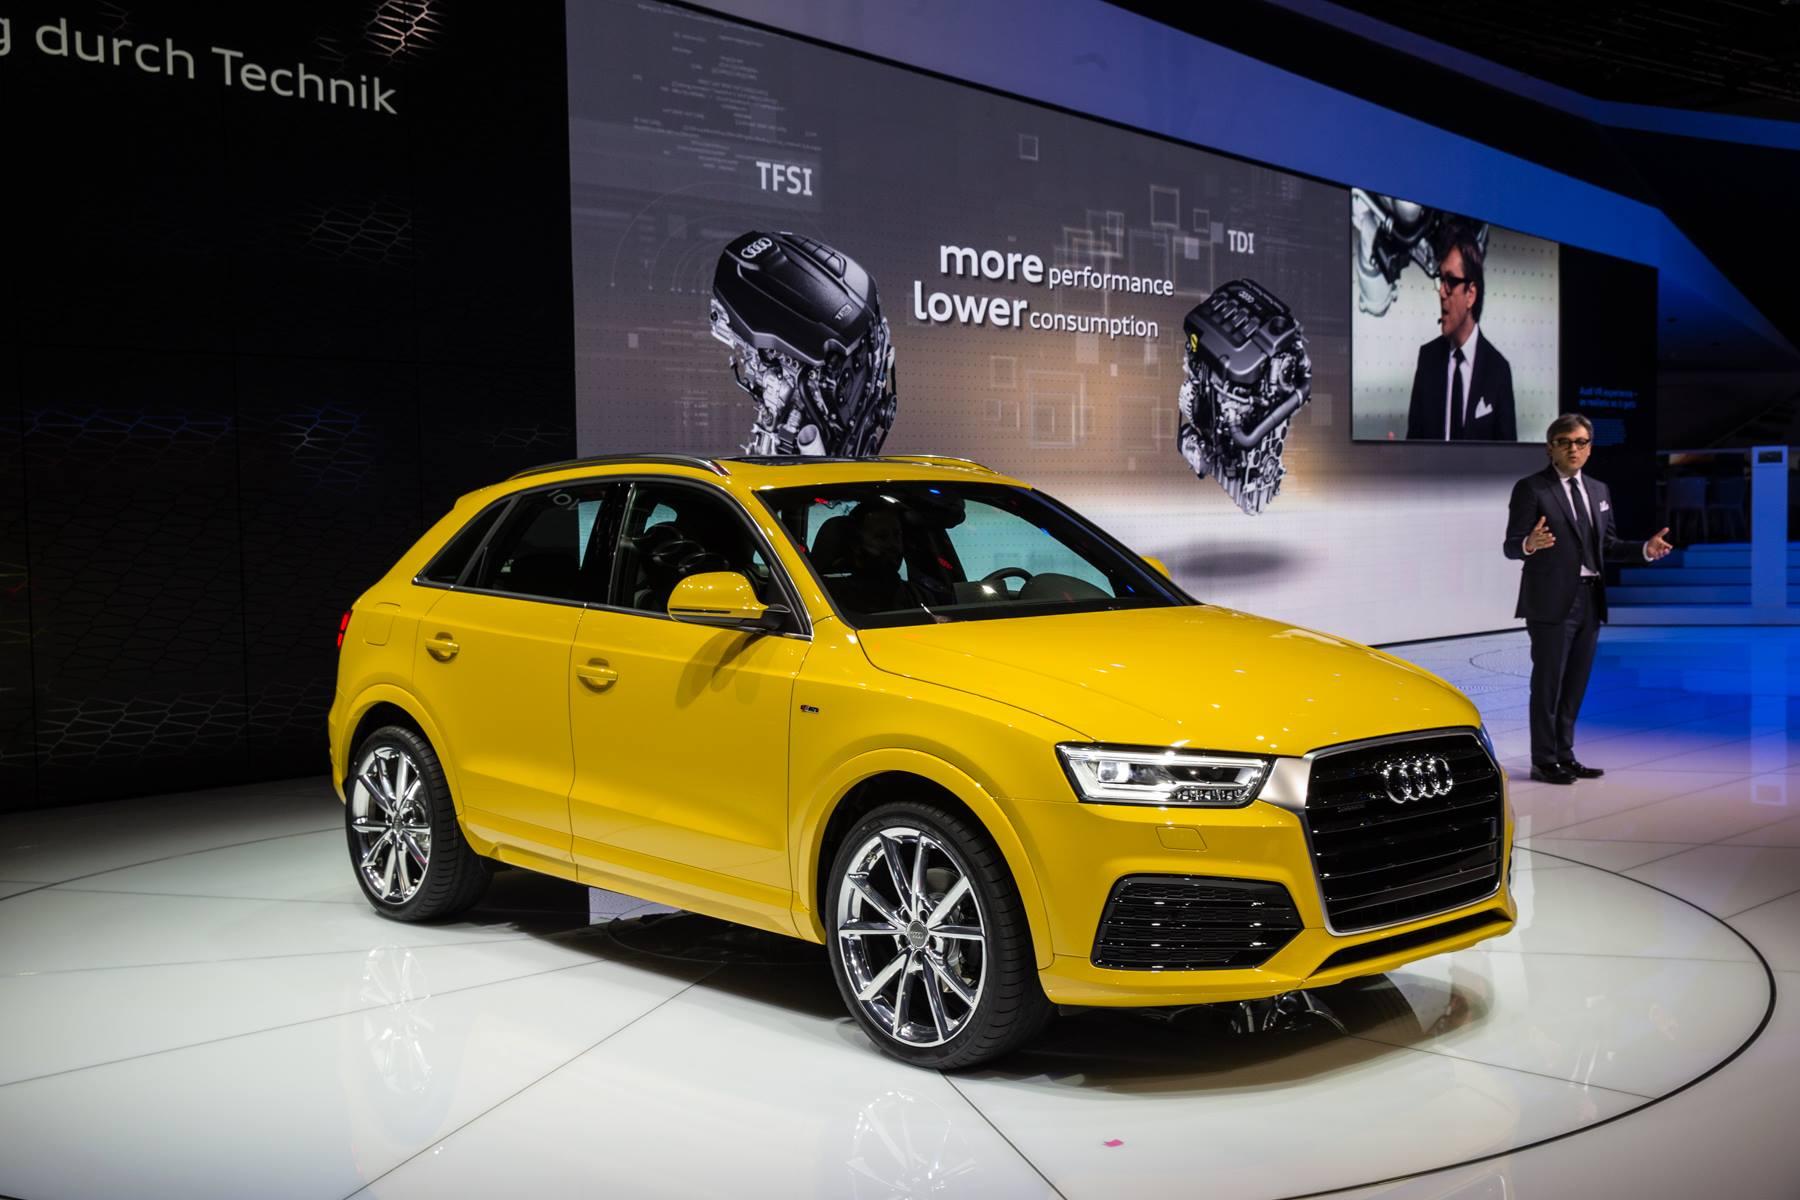 Audi press/auto show